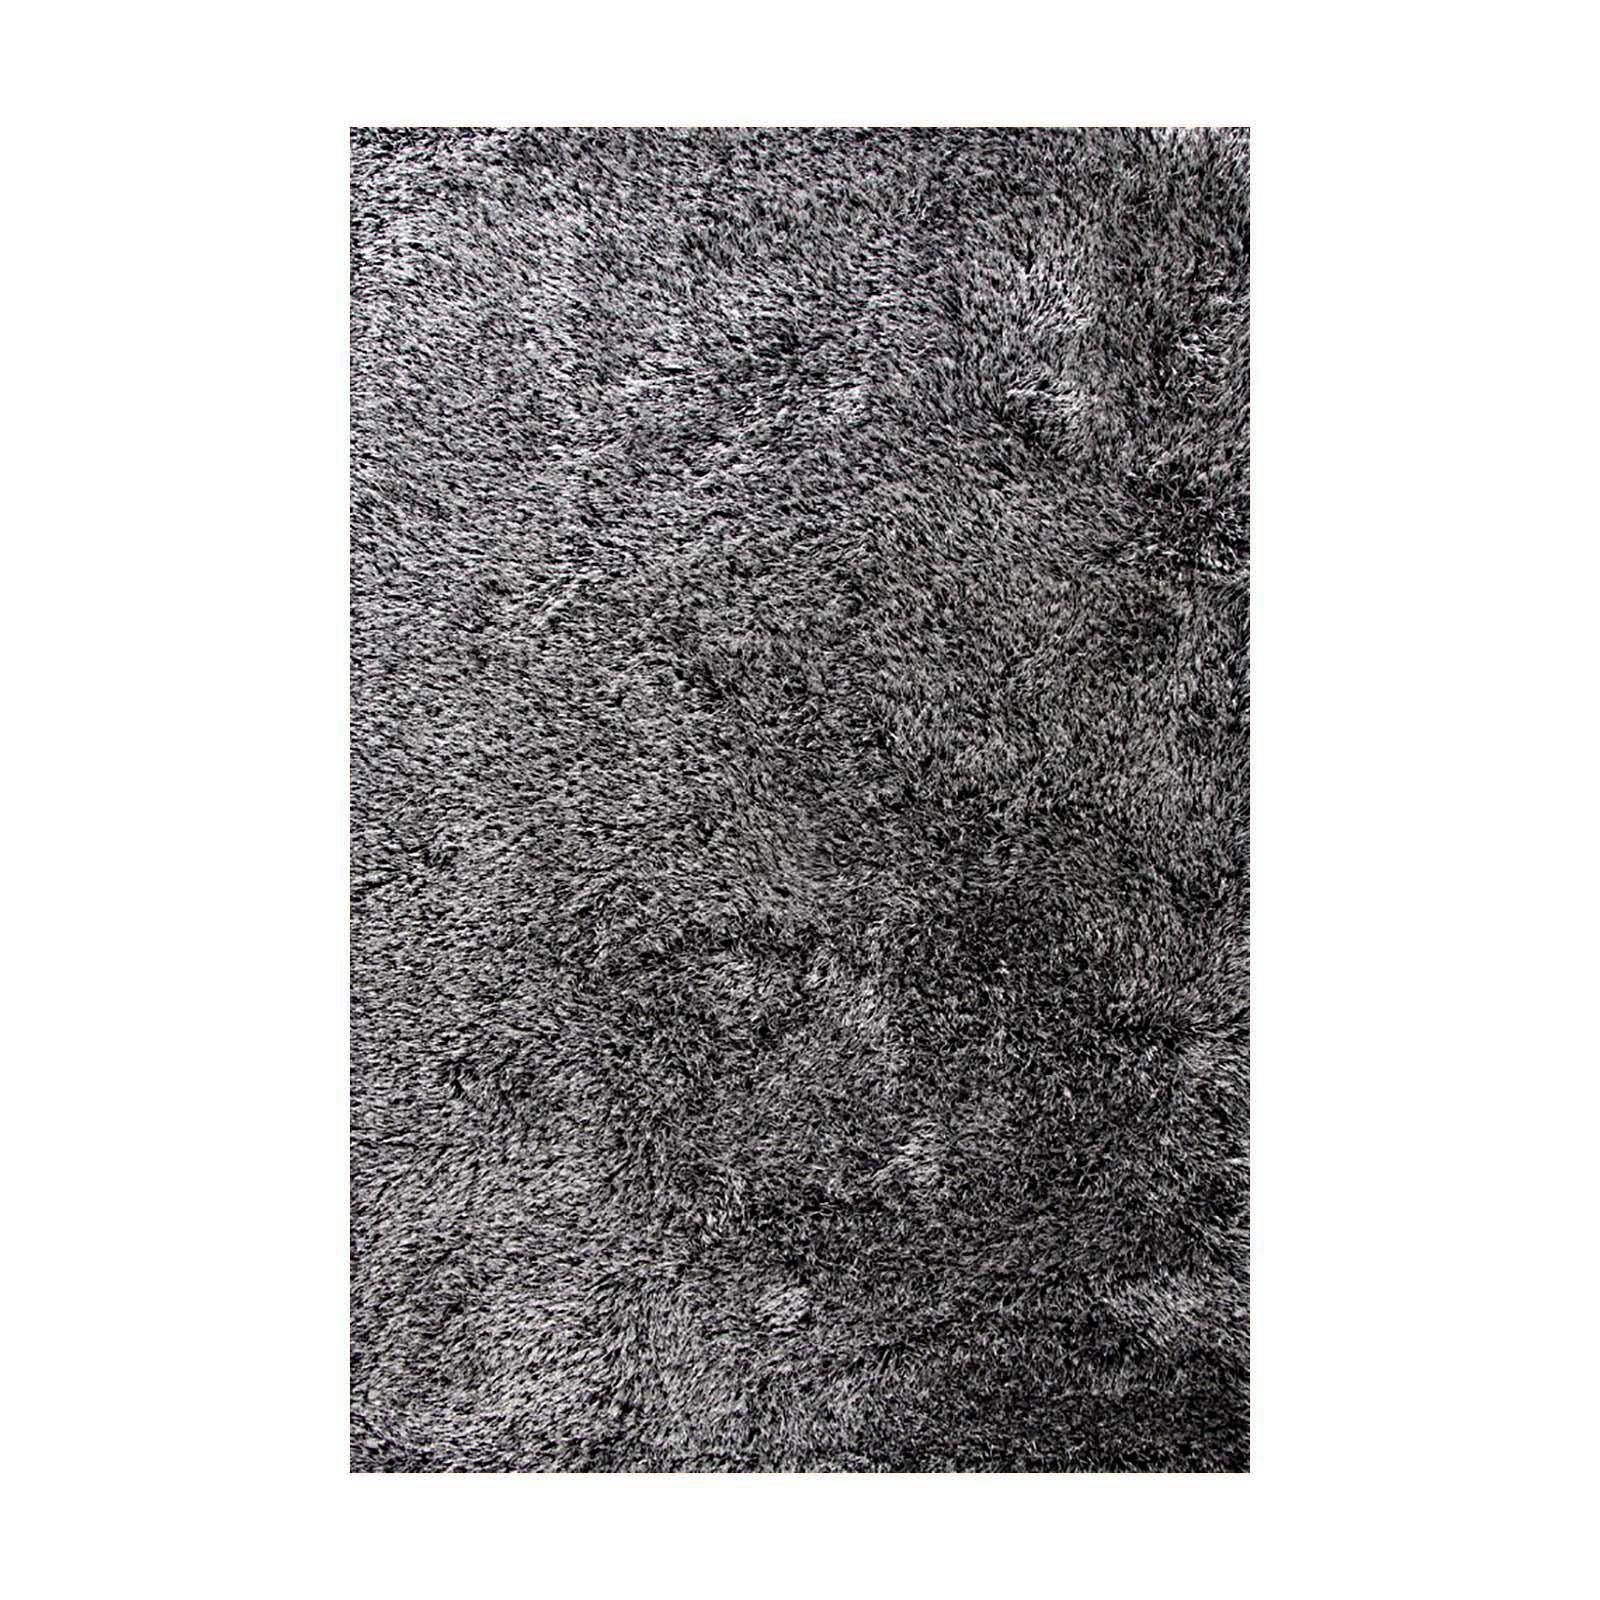 Vegas modern black white rug - Black and white rug ...